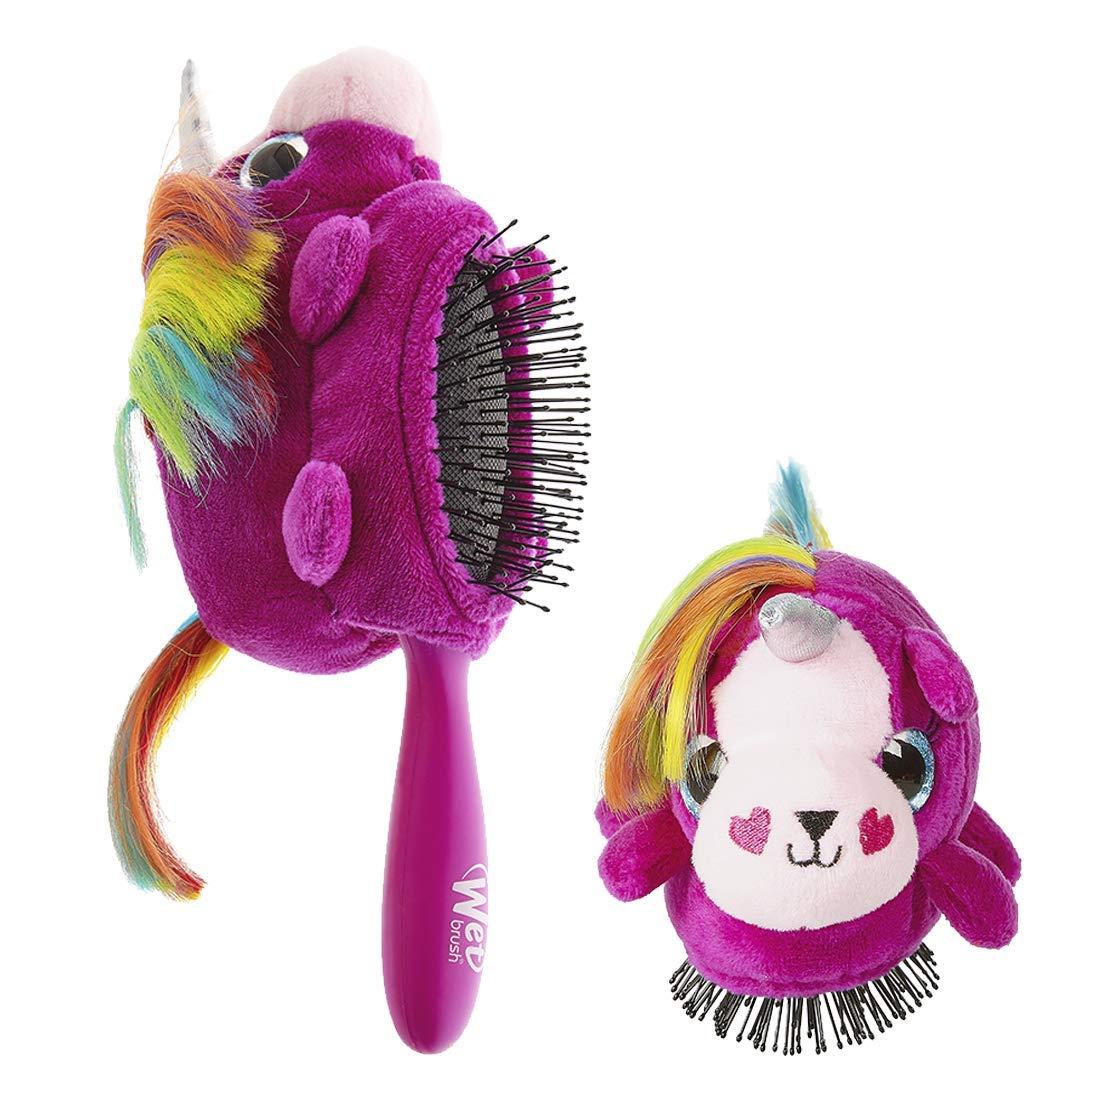 Wet Brush 儿童毛绒刷儿童玩具毛刷